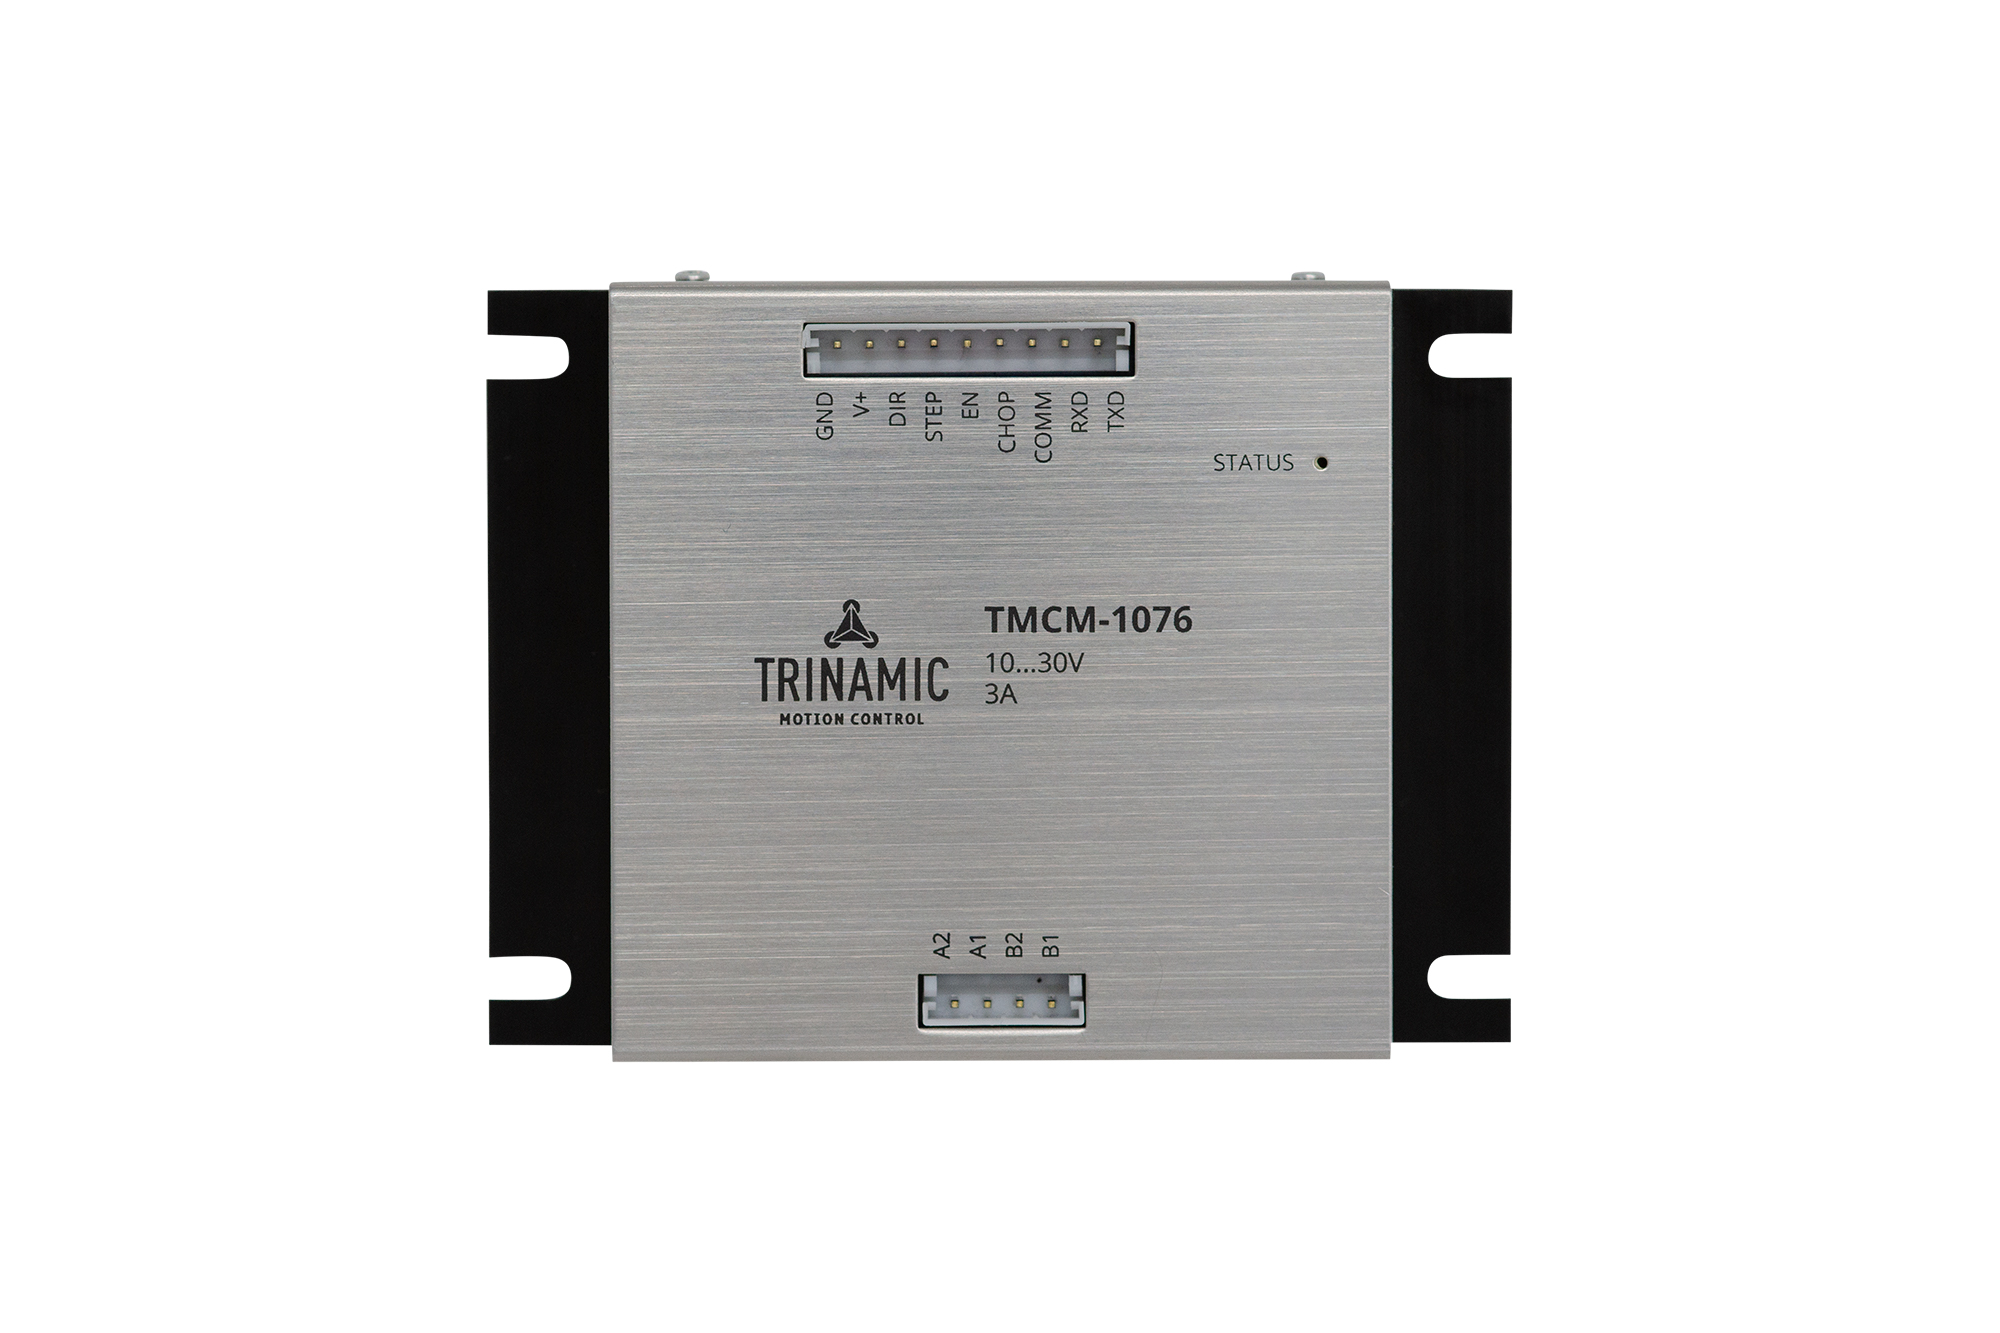 tmcm-1076 - trinamic  trinamic